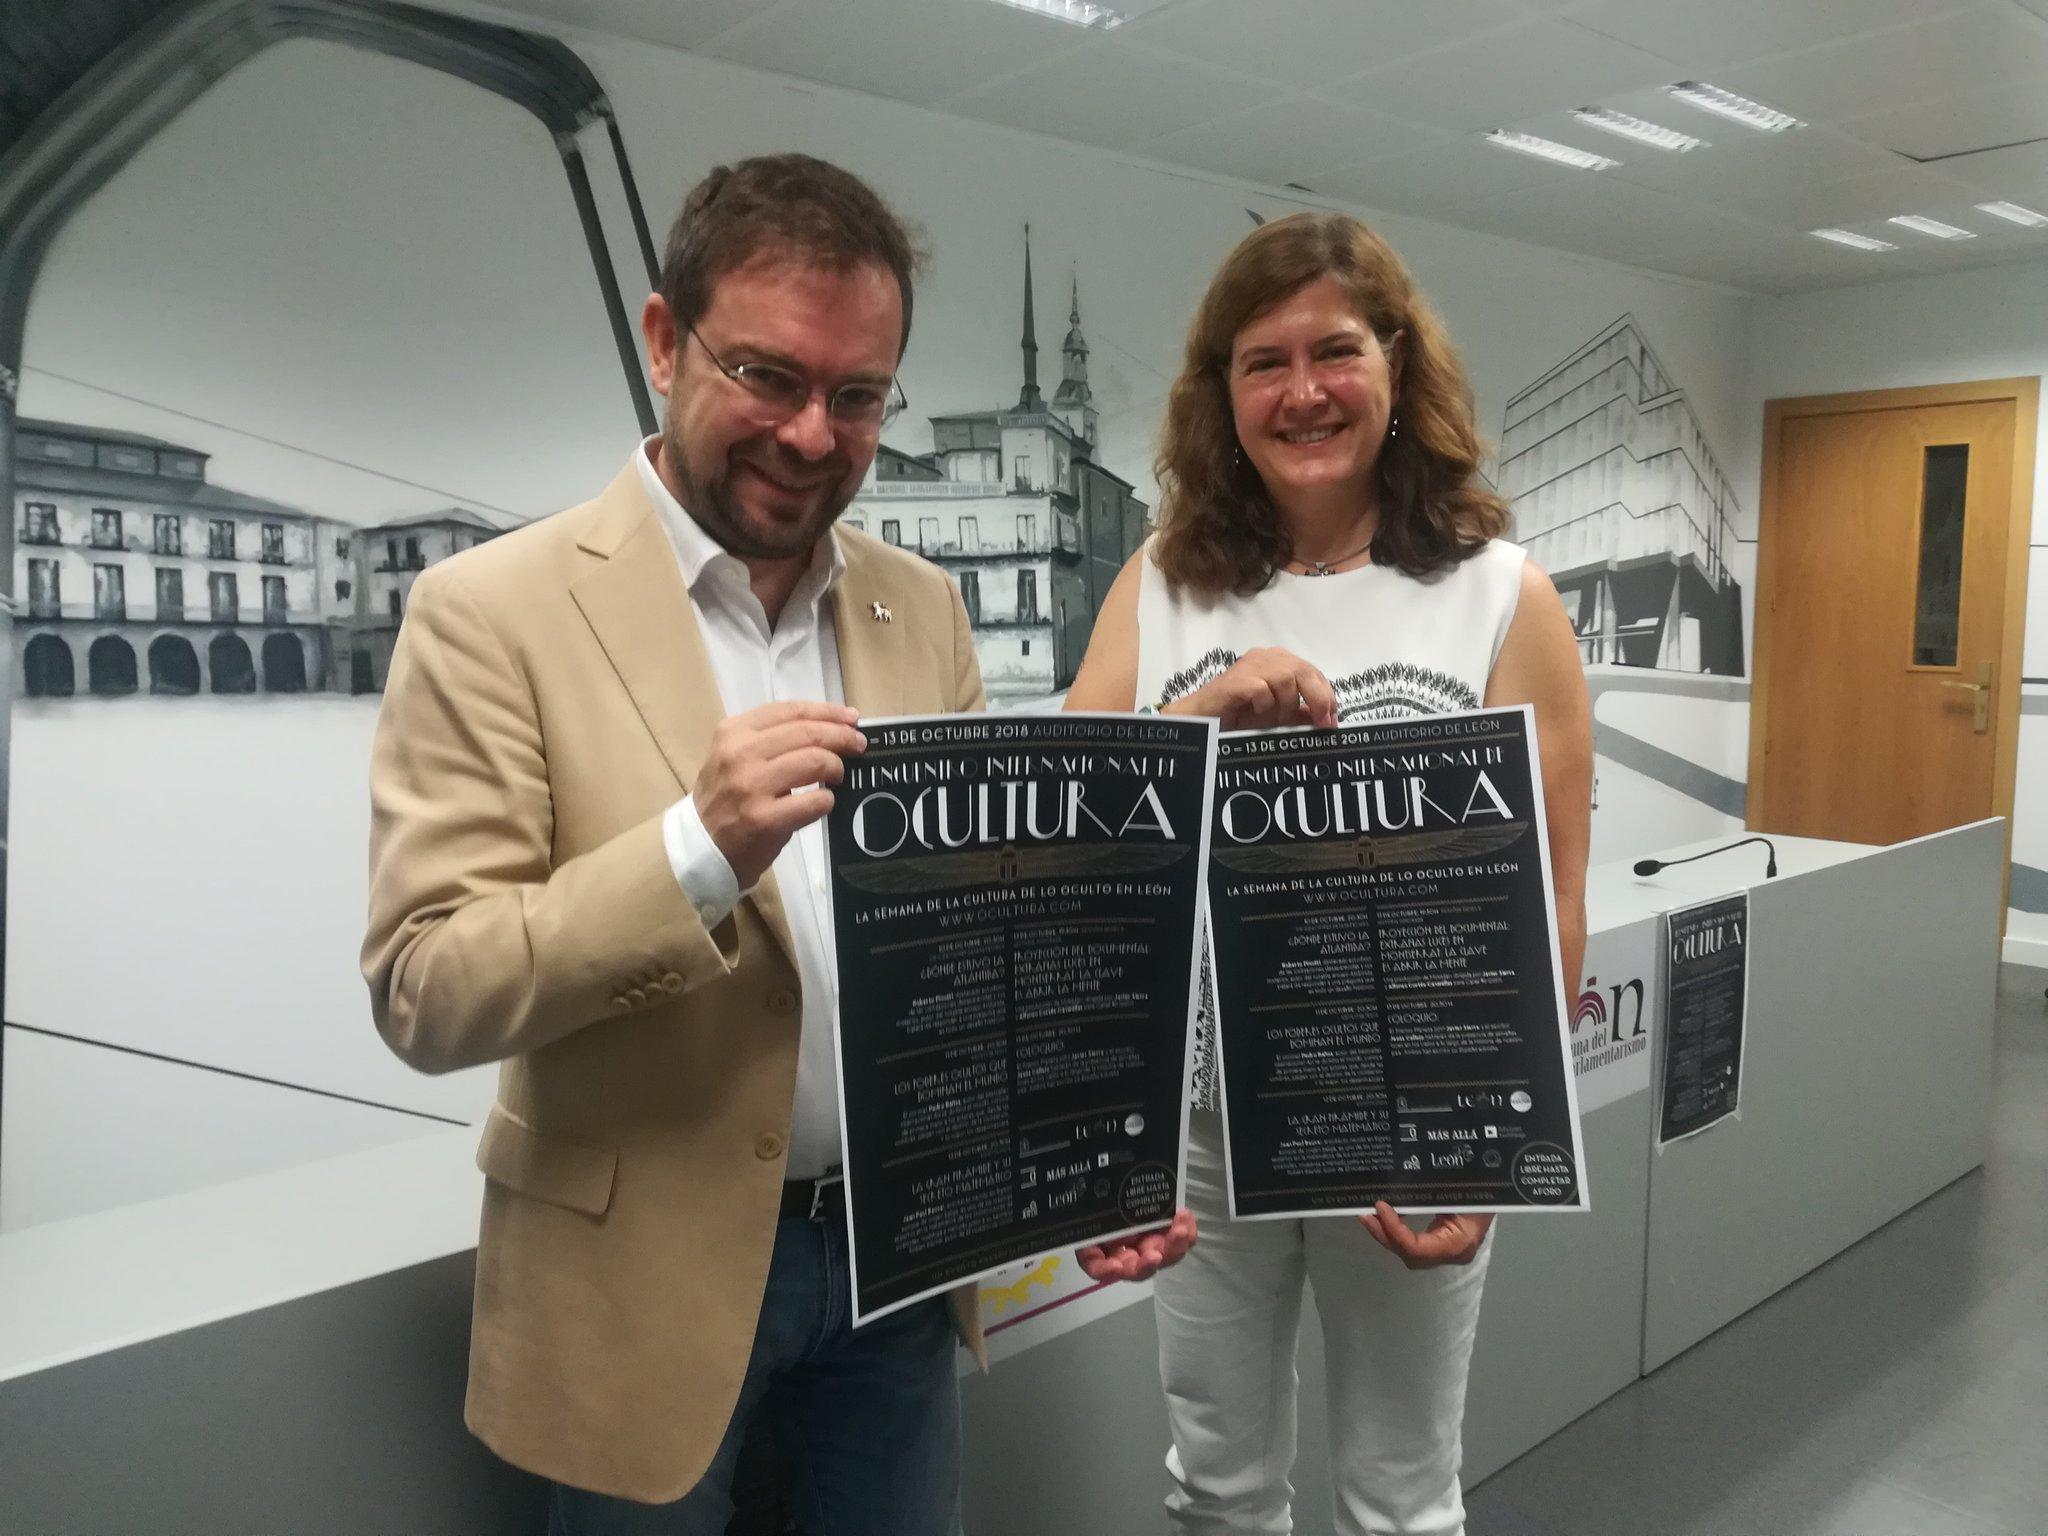 Presentacioón en León del II Encuentro Internacional de #Ocultura